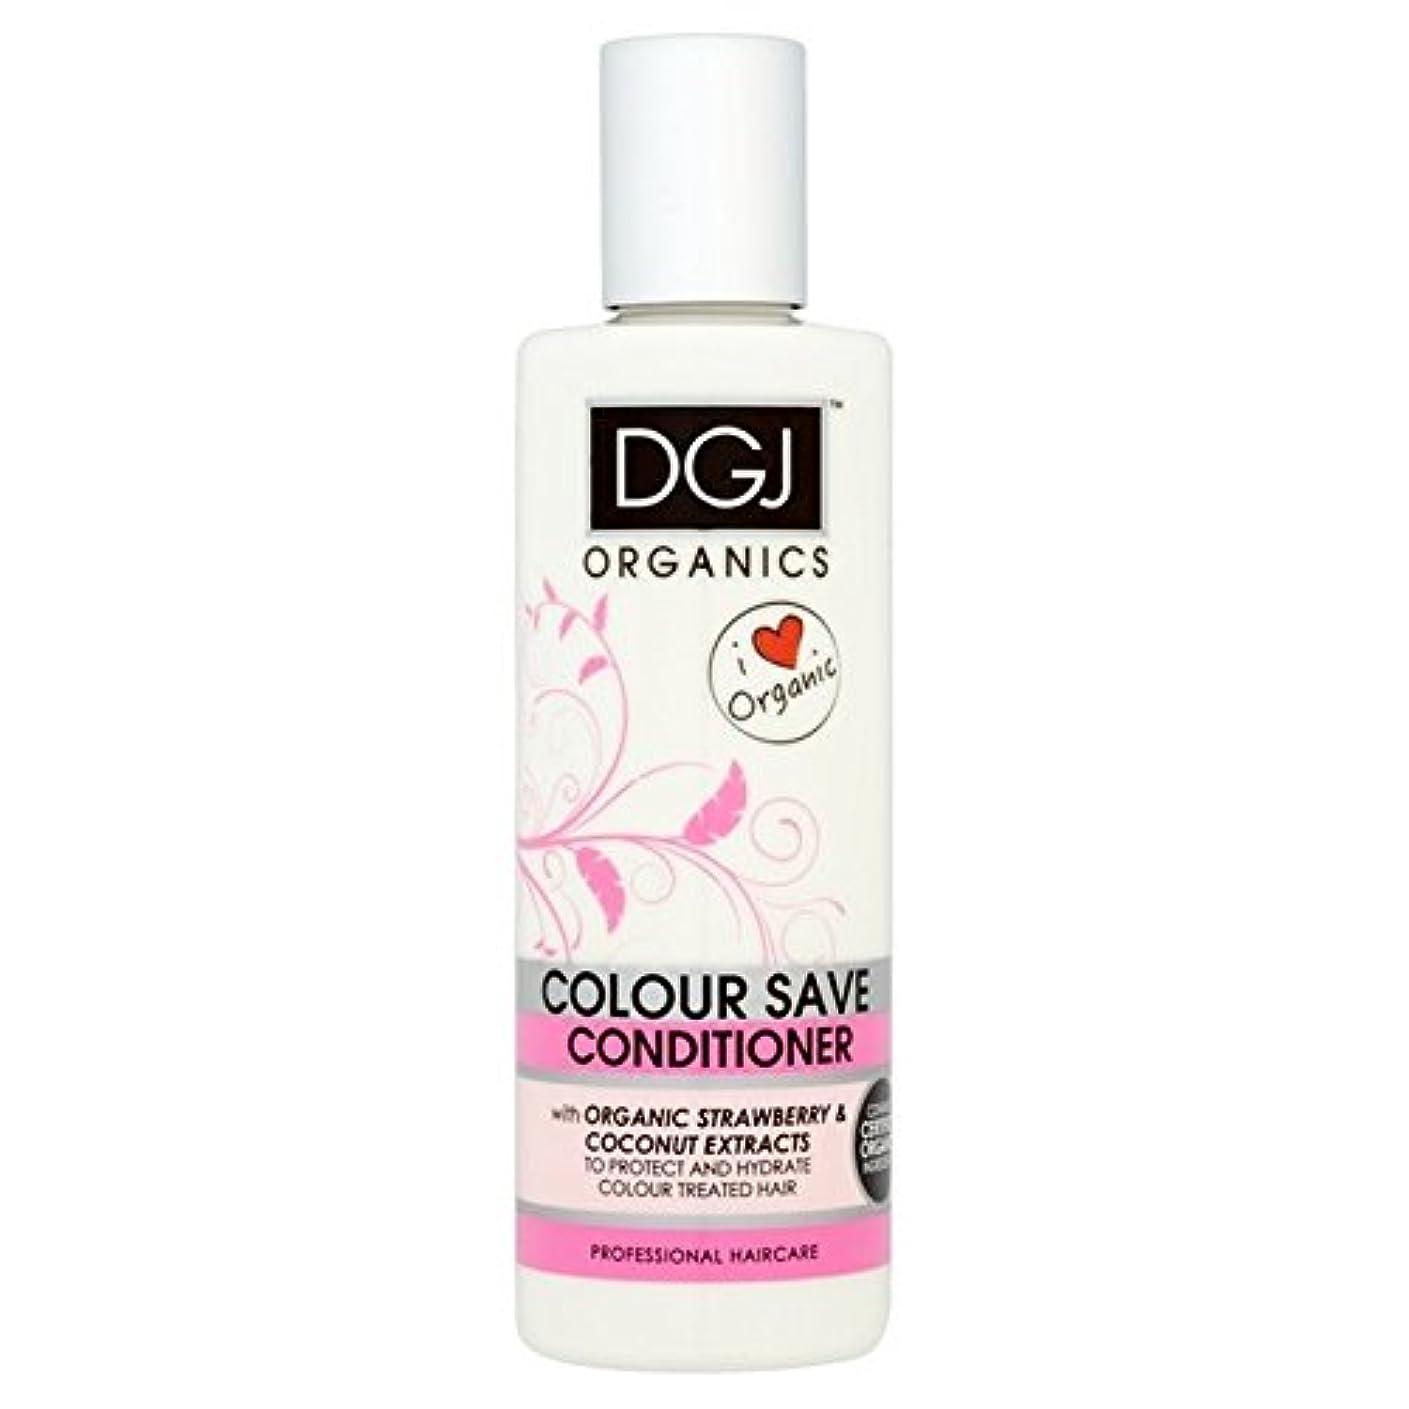 有機物の色コンディショナー250を保存 x2 - DGJ Organics Colour Save Conditioner 250ml (Pack of 2) [並行輸入品]